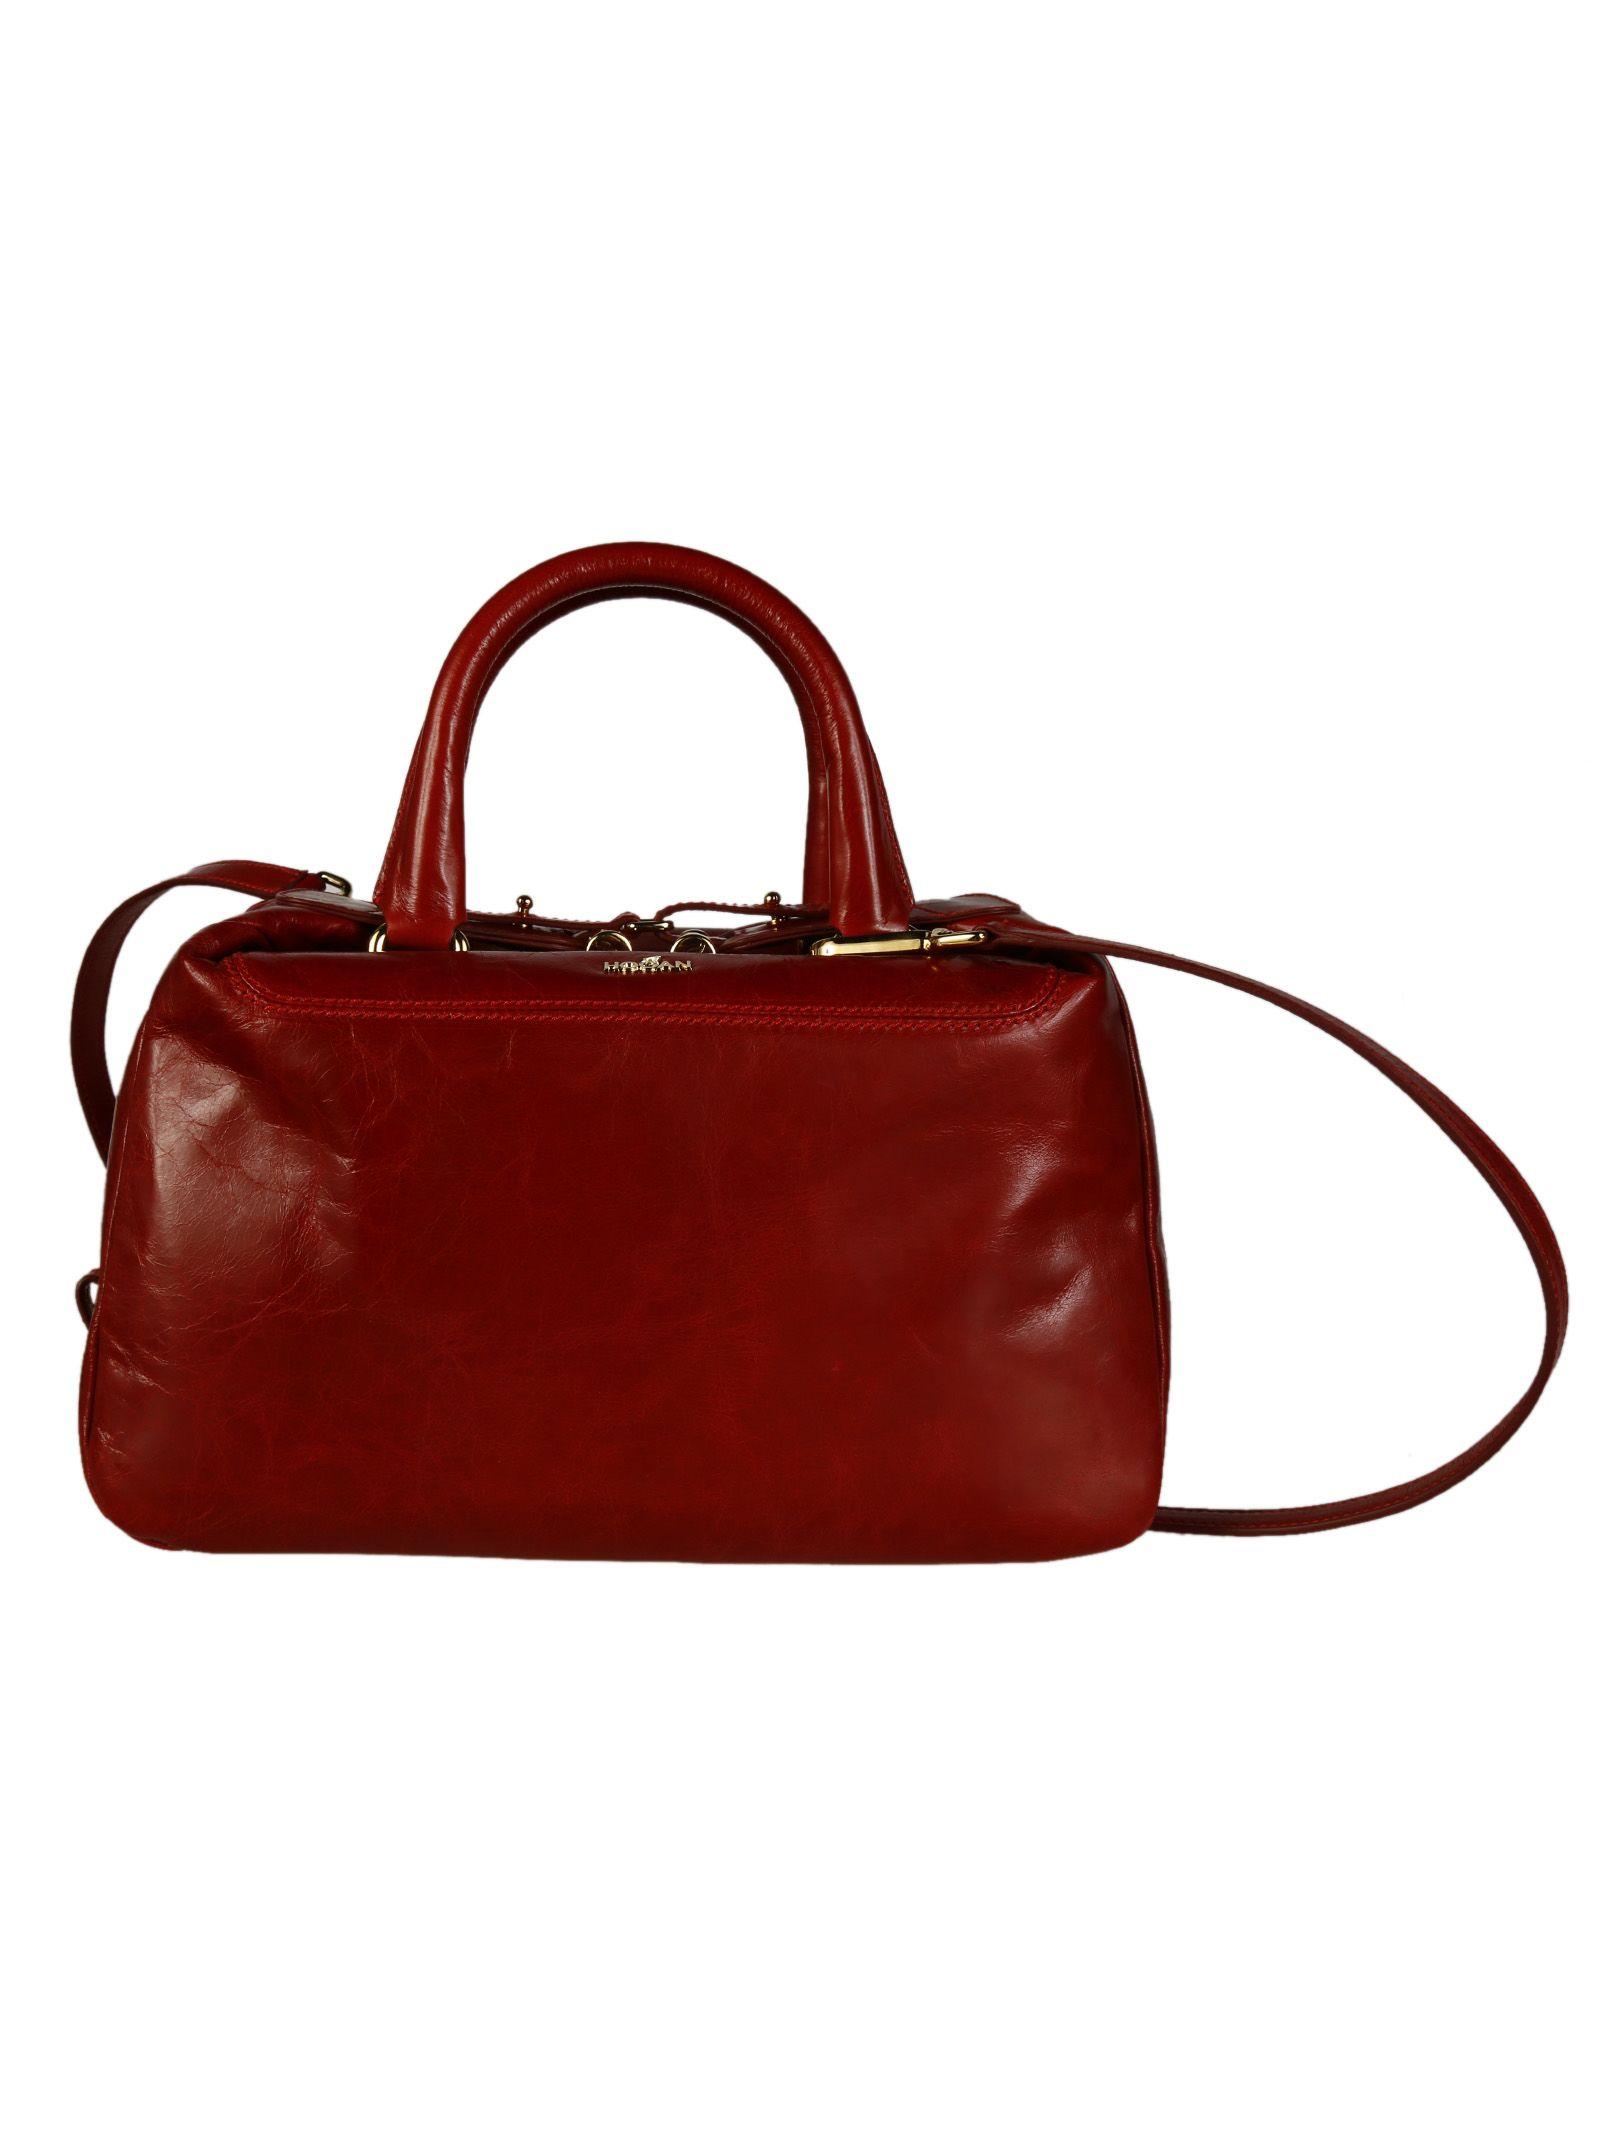 Hogan Tote Bags